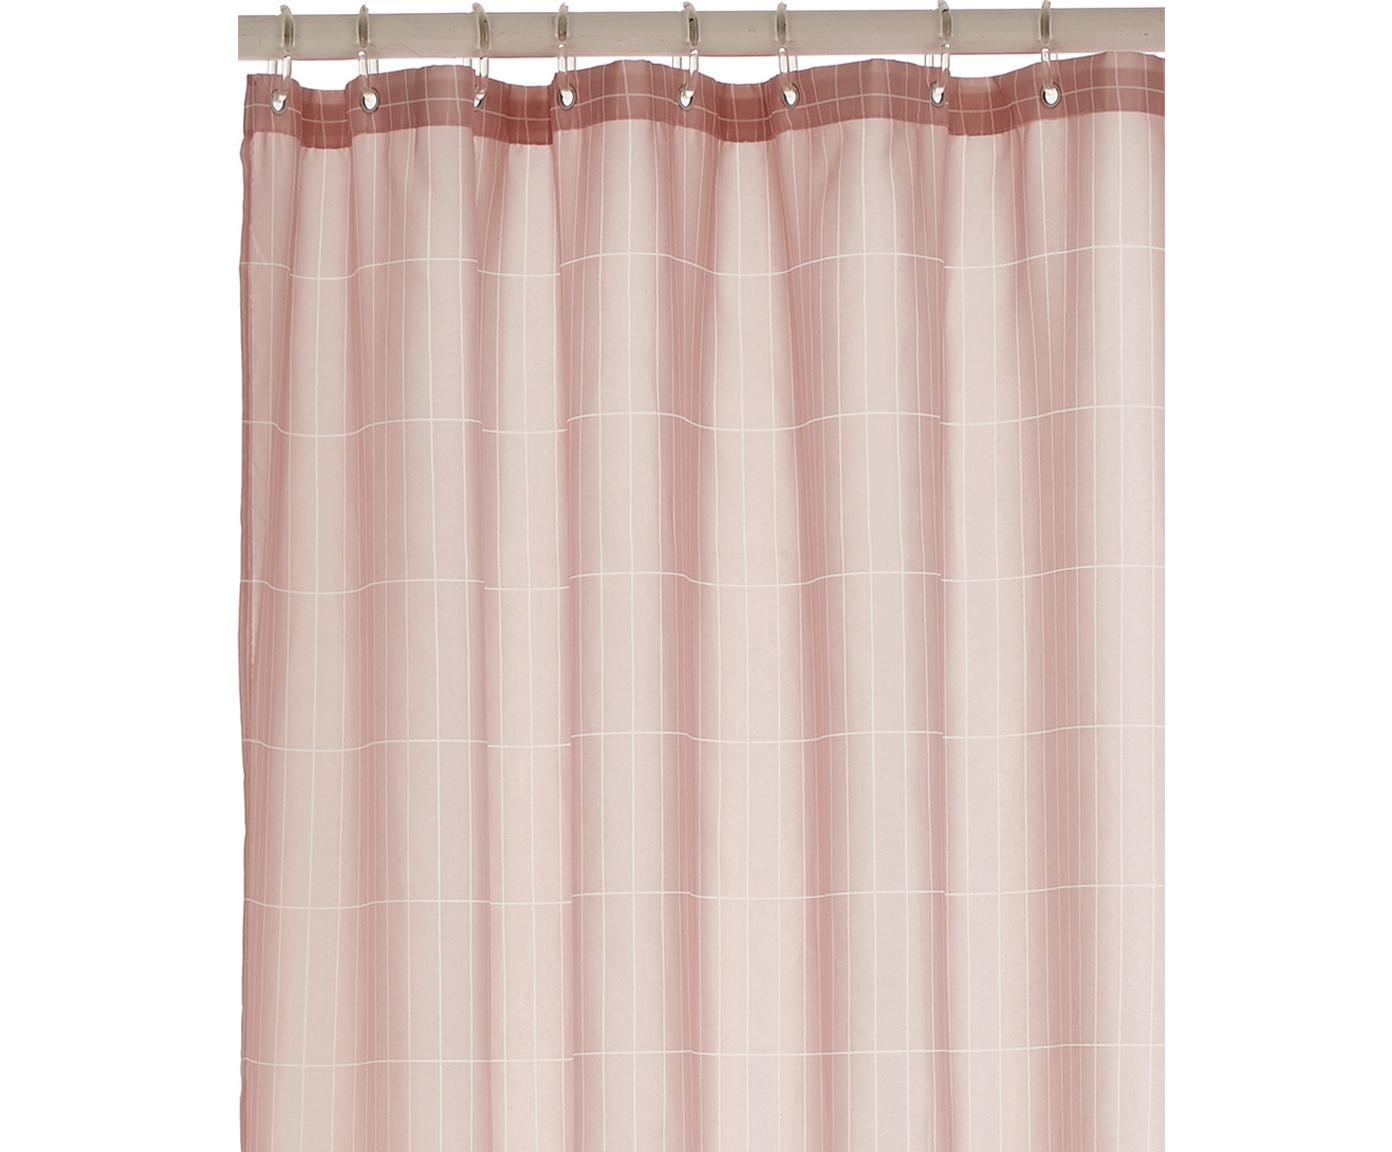 Douchegordijn Tiles, Oogjes: metaal, Roze, 180 x 200 cm